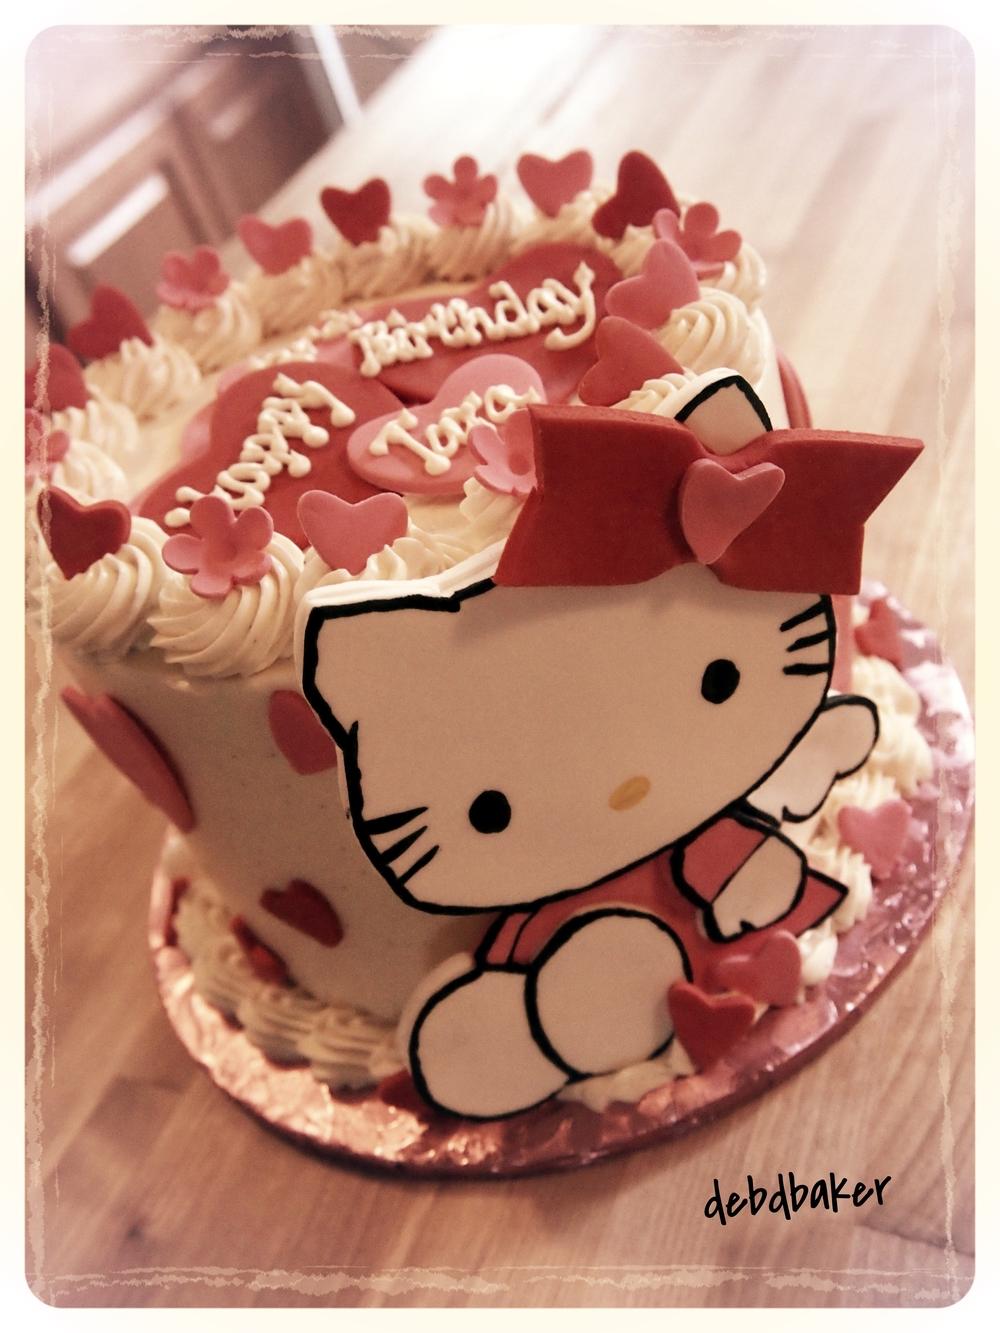 Tara's Hello Kitty Cake